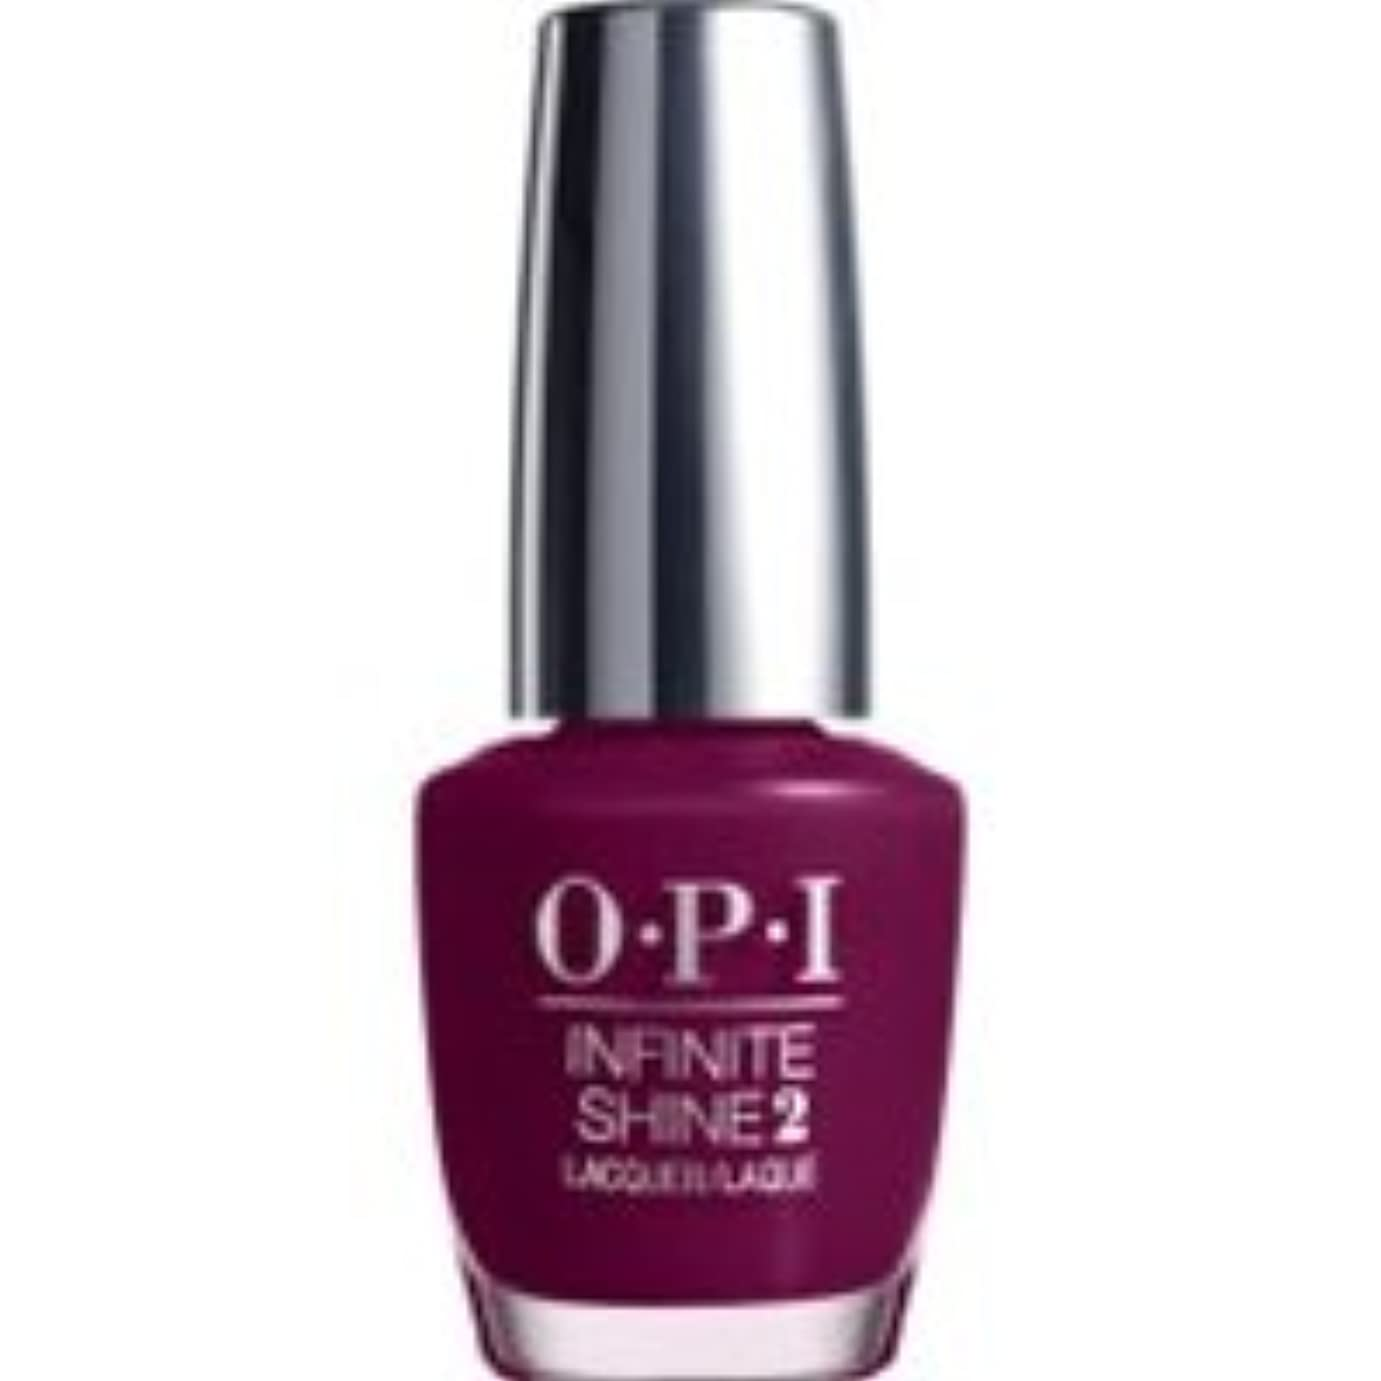 症状ブラウン着陸O.P.I IS L60 Berry On Forever(ベリーオンフォーエバー) #Berry On Forever